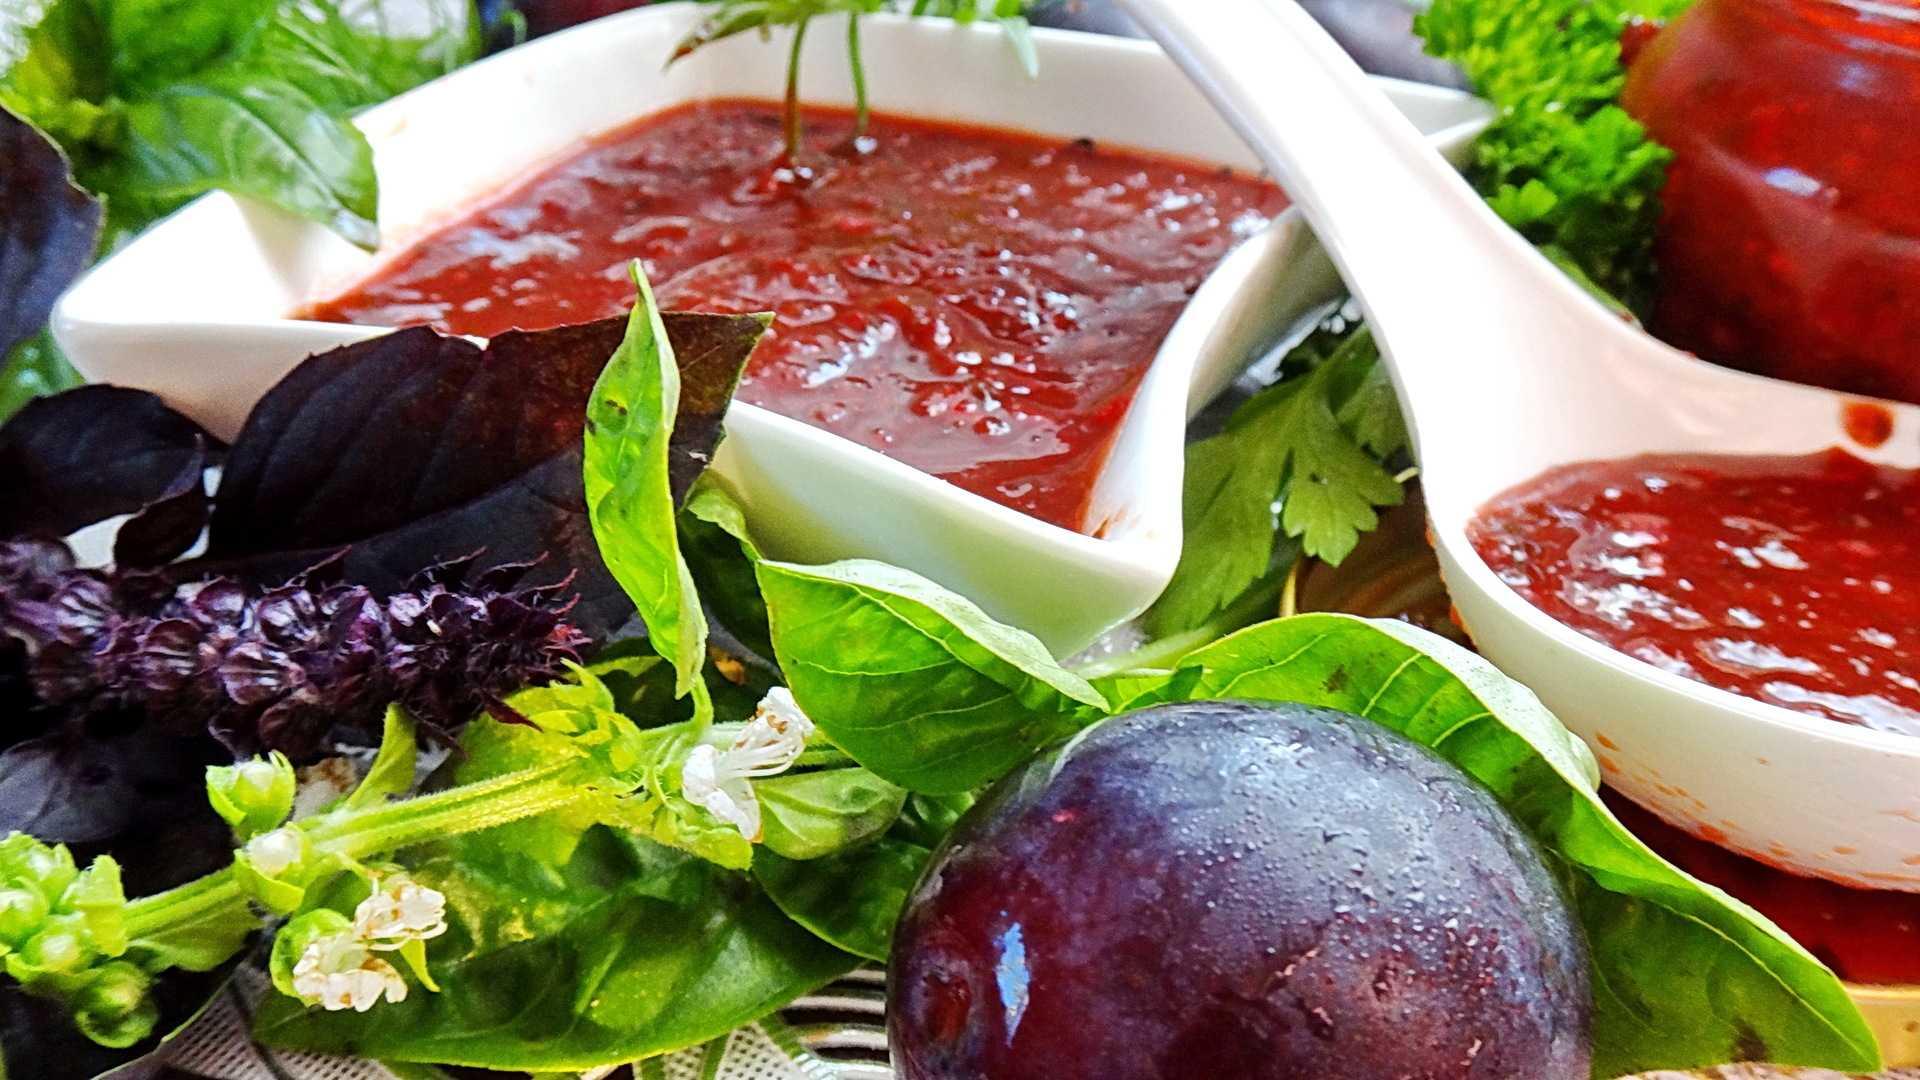 Салат огонек на зиму  - вкус, согревающий зимой: рецепт с фото и видео